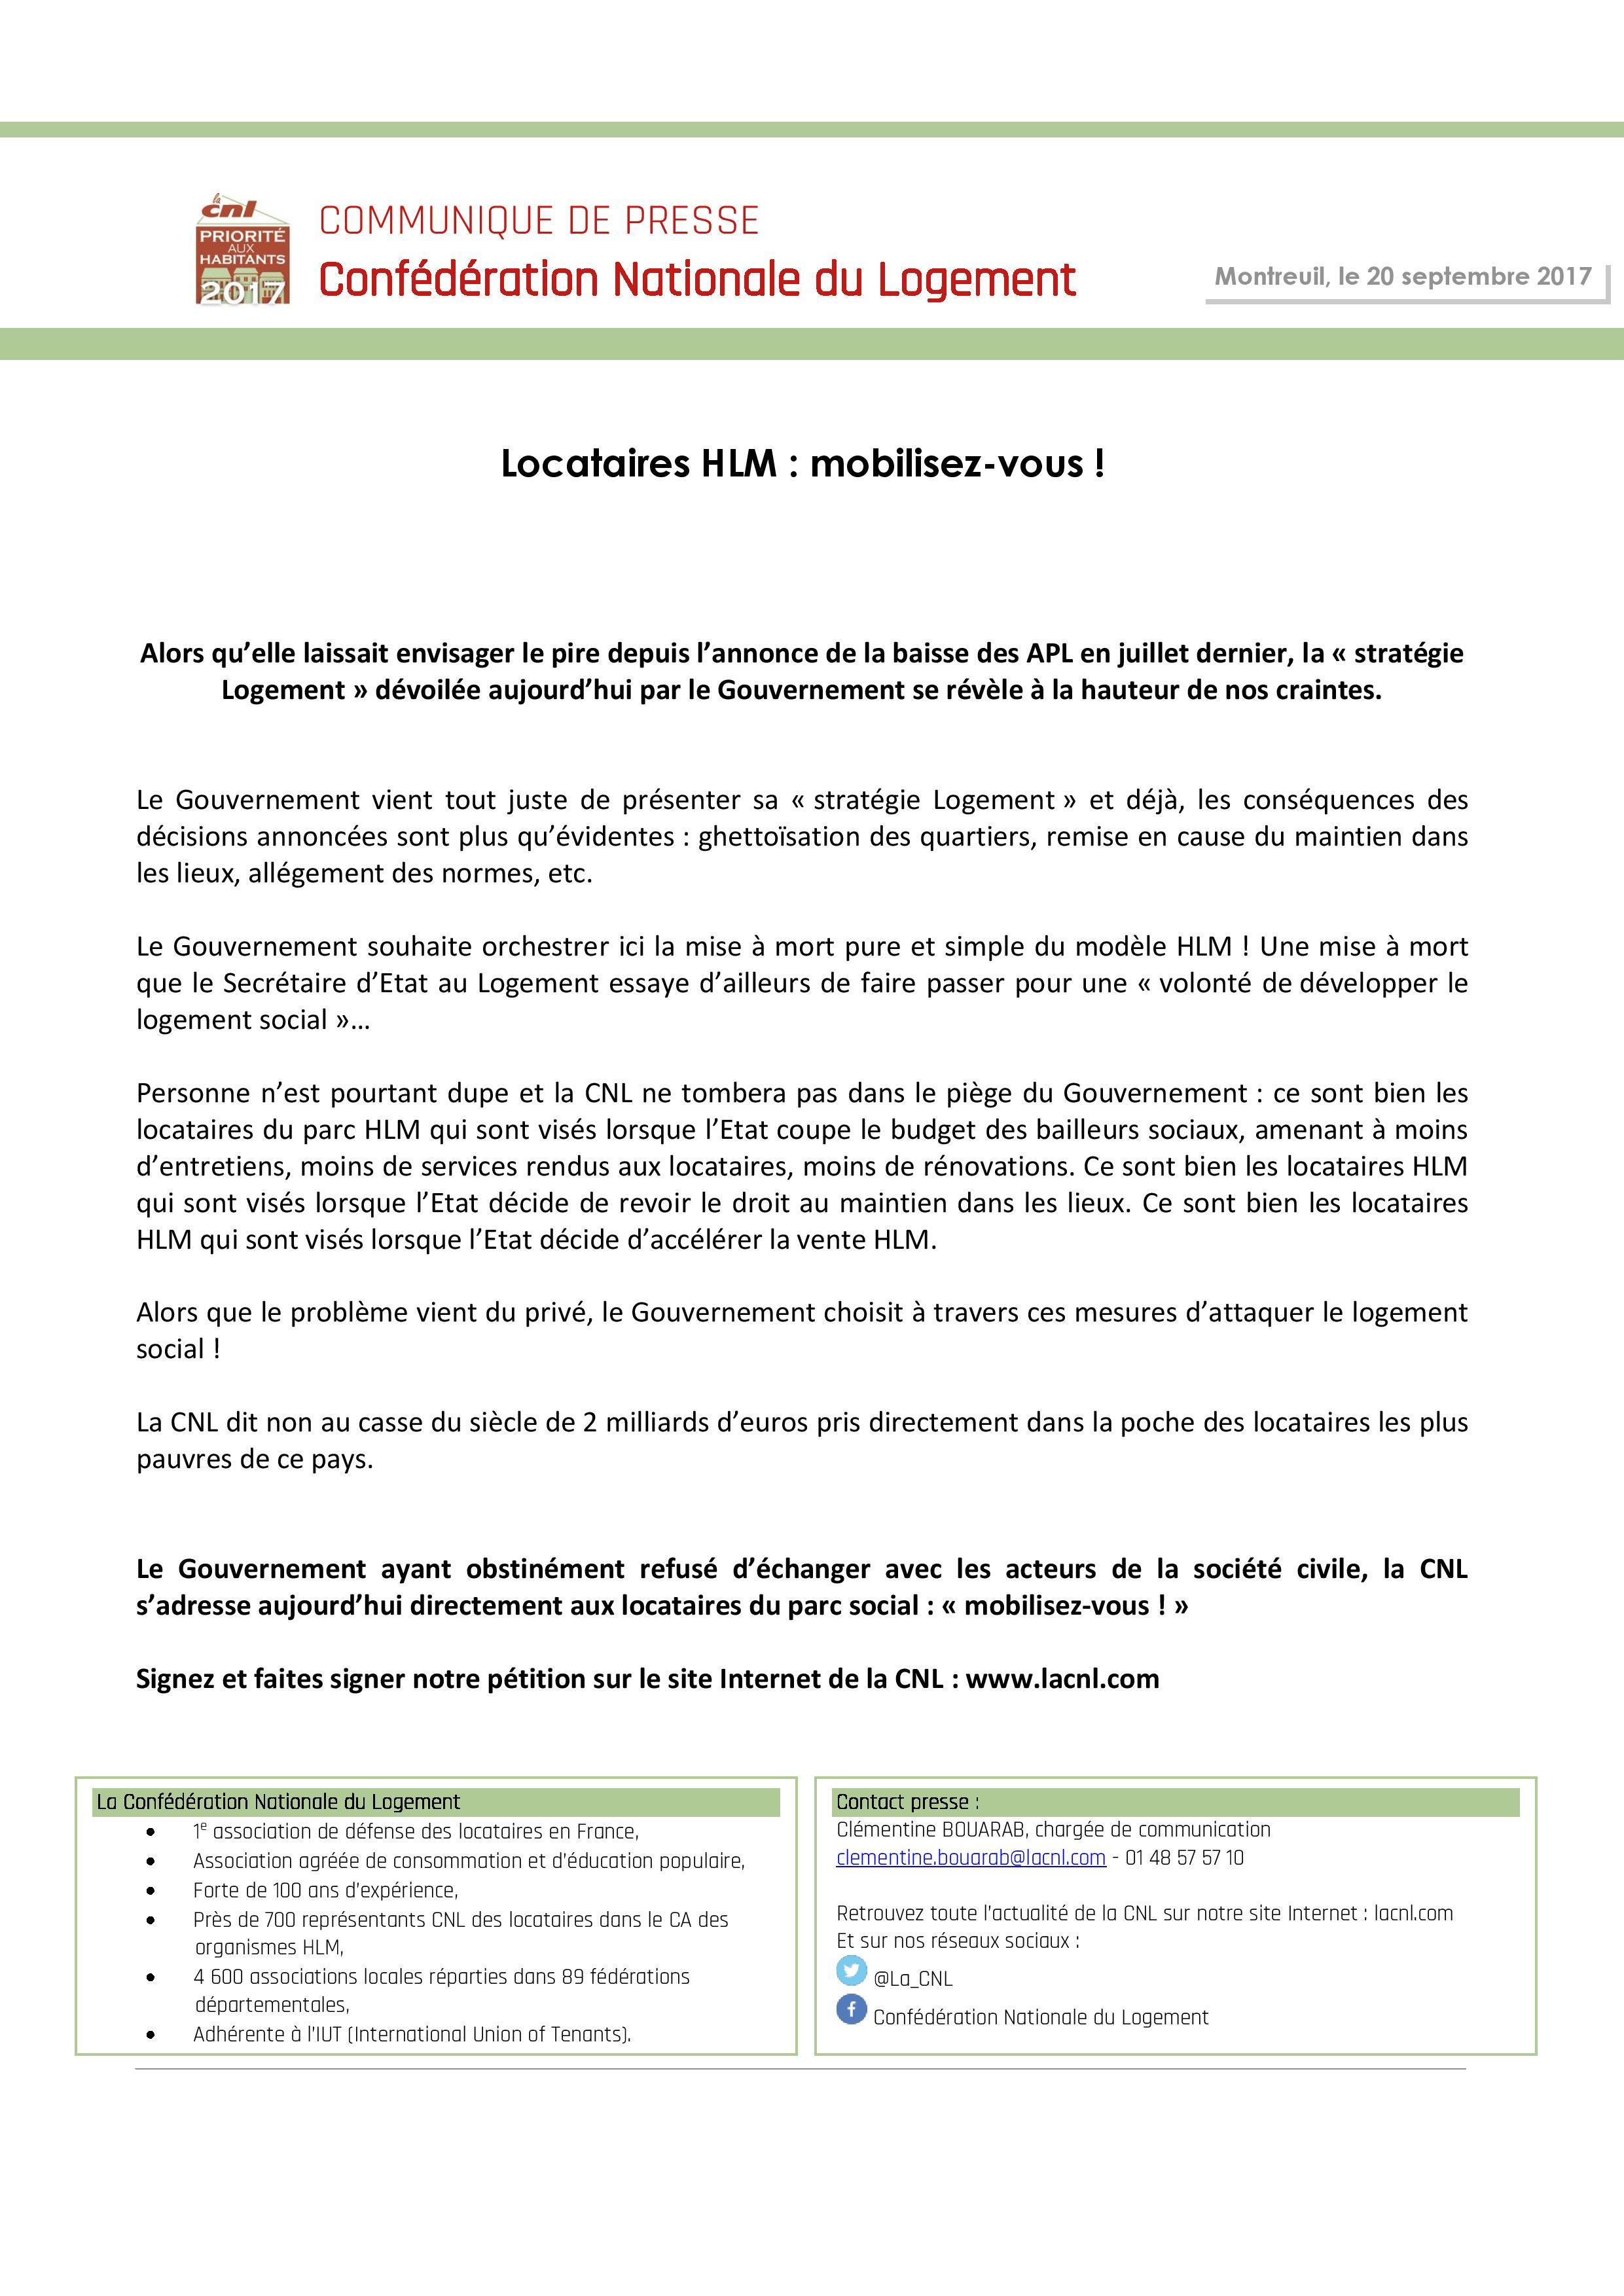 20170921_Locataires HLM, mobilisez-vous !-page-001